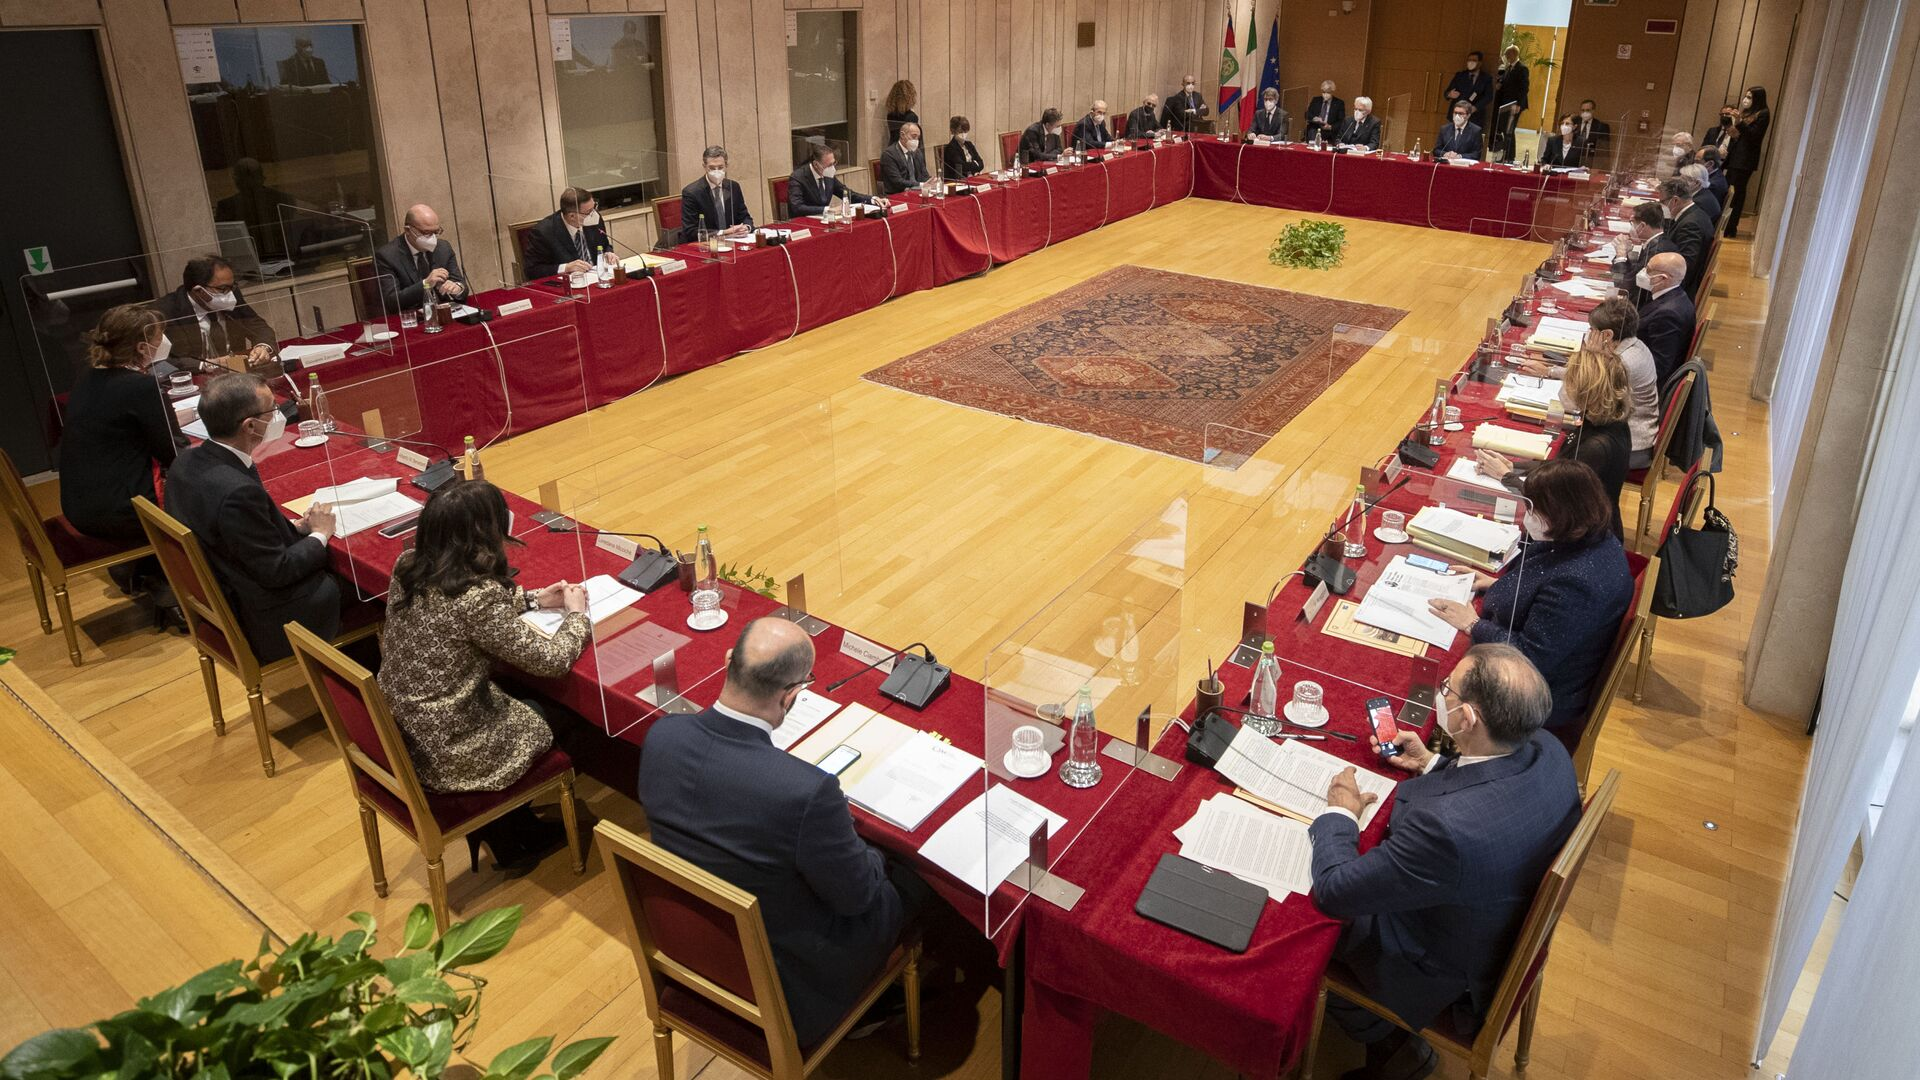 Il Presidente della Repubblica Sergio Mattarella presiede l'Assemblea plenaria del Consiglio Superiore della Magistratura - Sputnik Italia, 1920, 17.07.2021